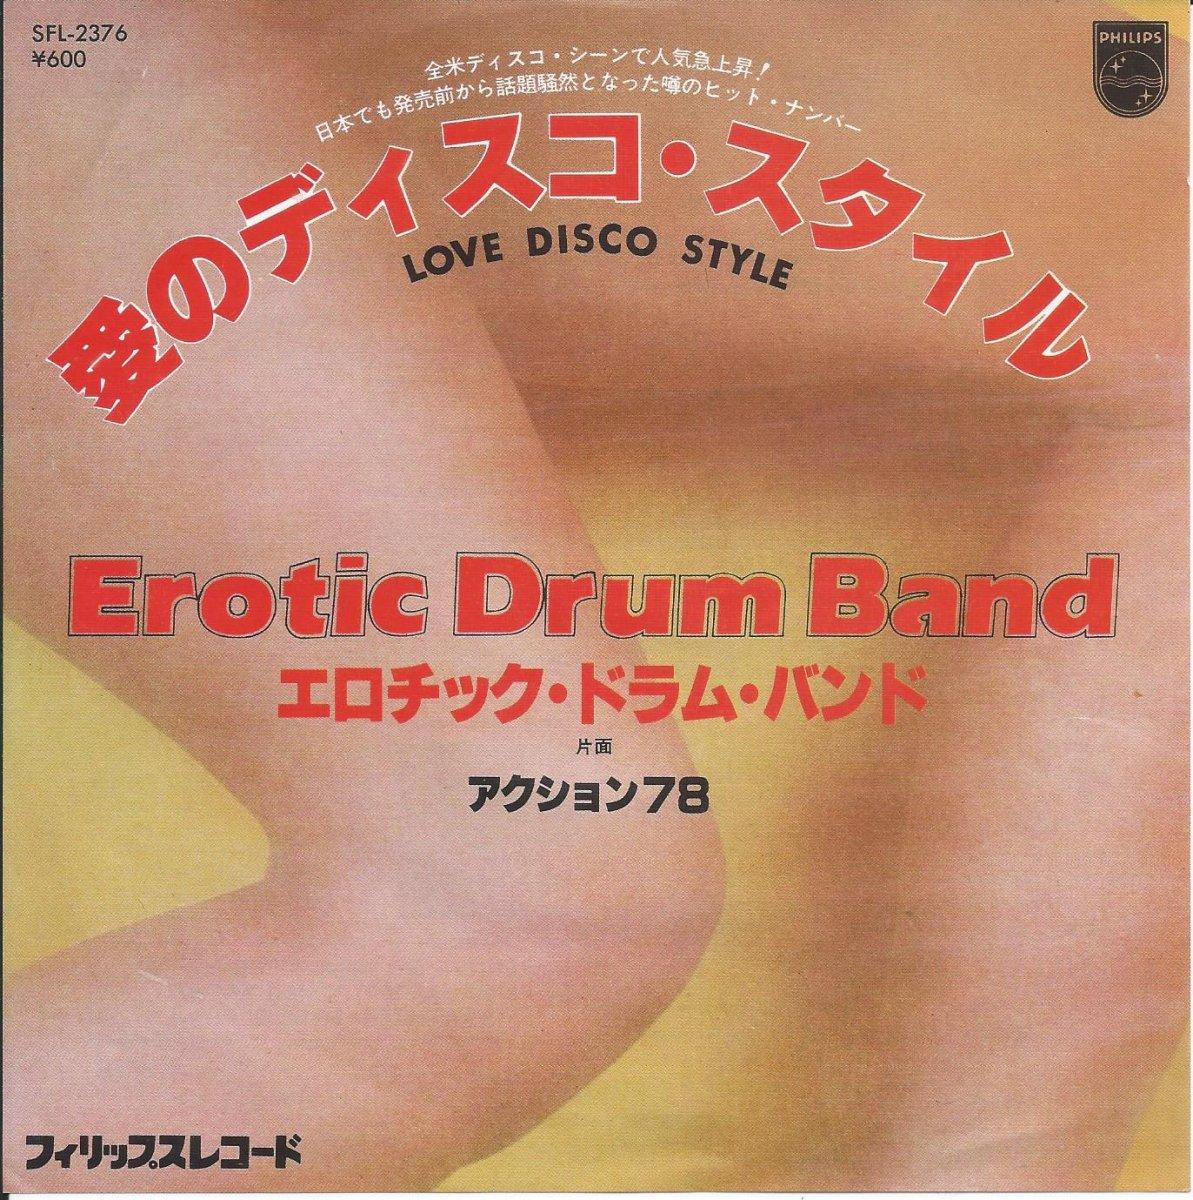 エロチック・ドラム・バンド EROTIC DRUM BAND / 愛のディスコ・スタイル LOVE DISCO STYLE / アクション '78 ACTION '78 (7